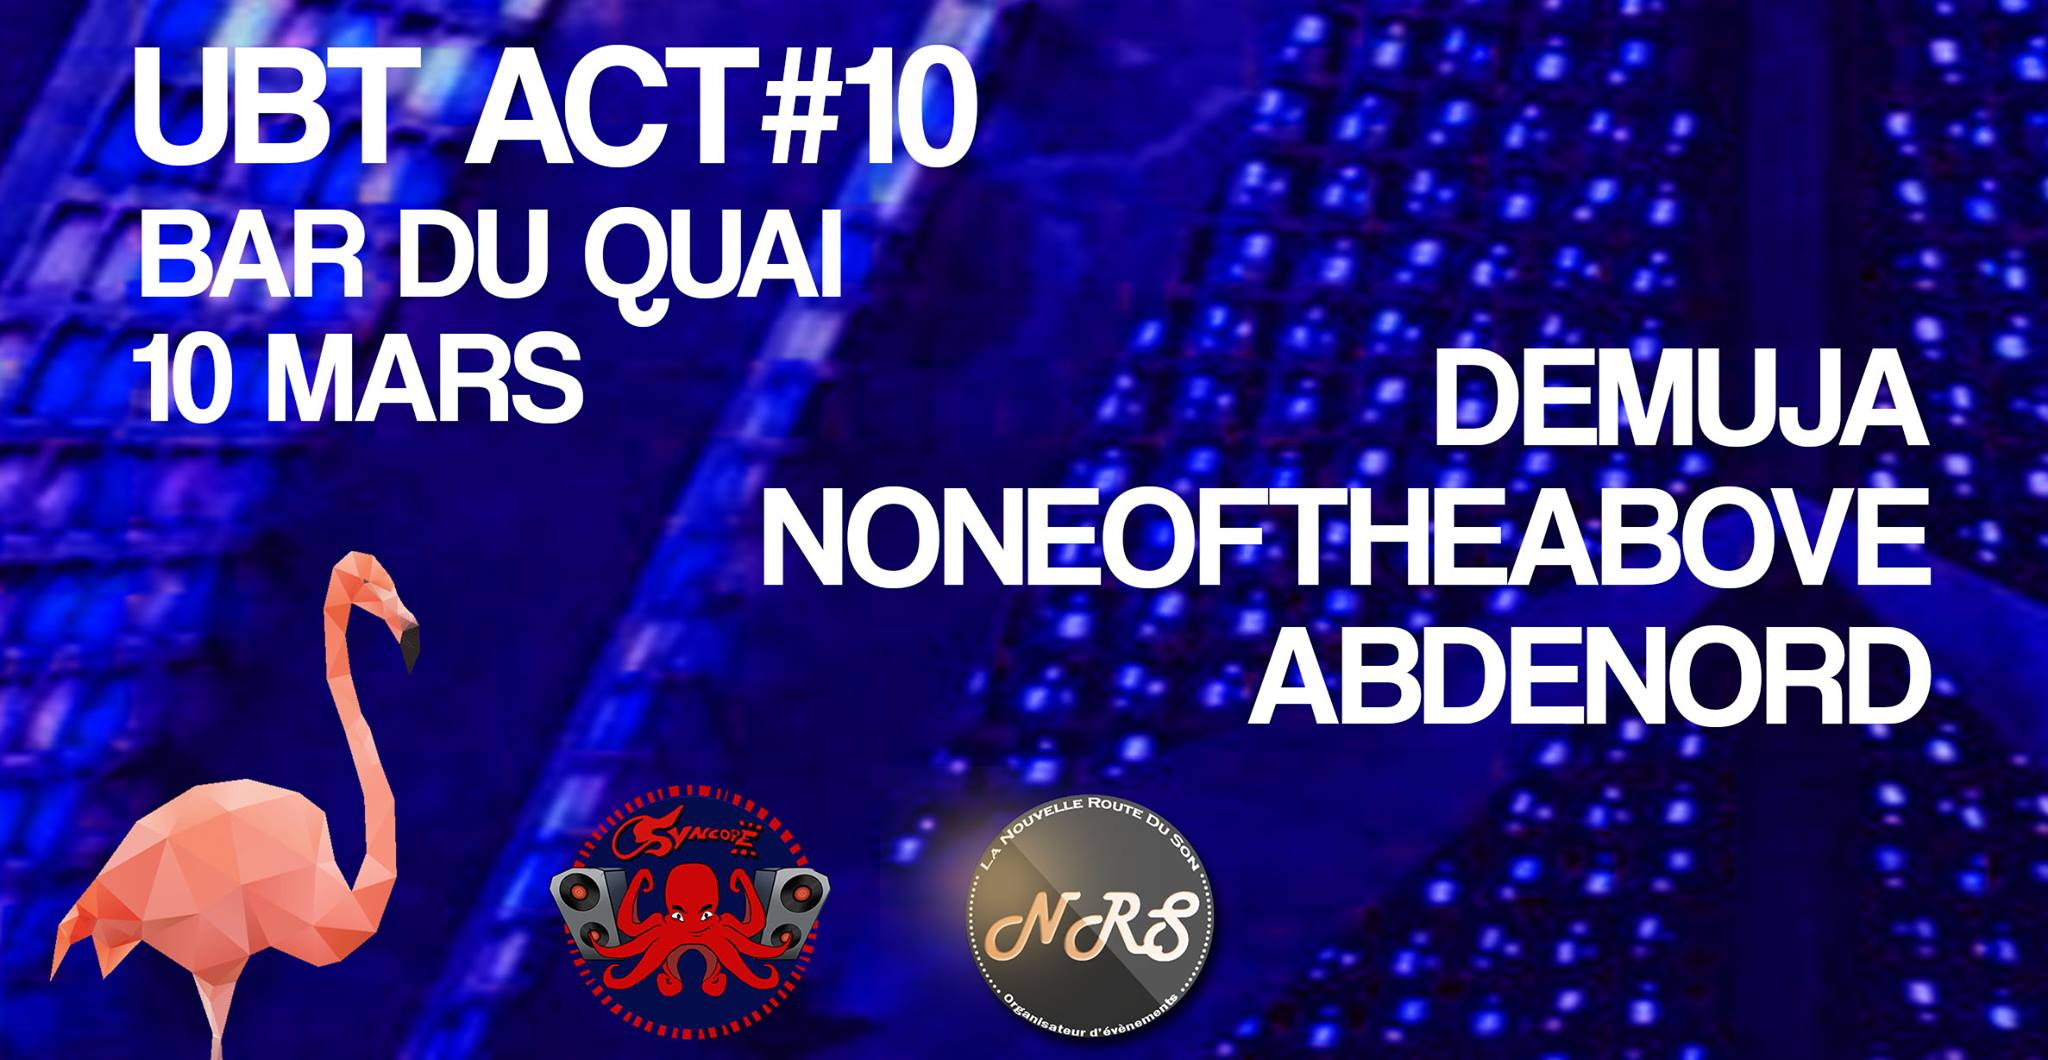 UBT ACT#10 w/ Demuja, Noneoftheabove, Abdenord